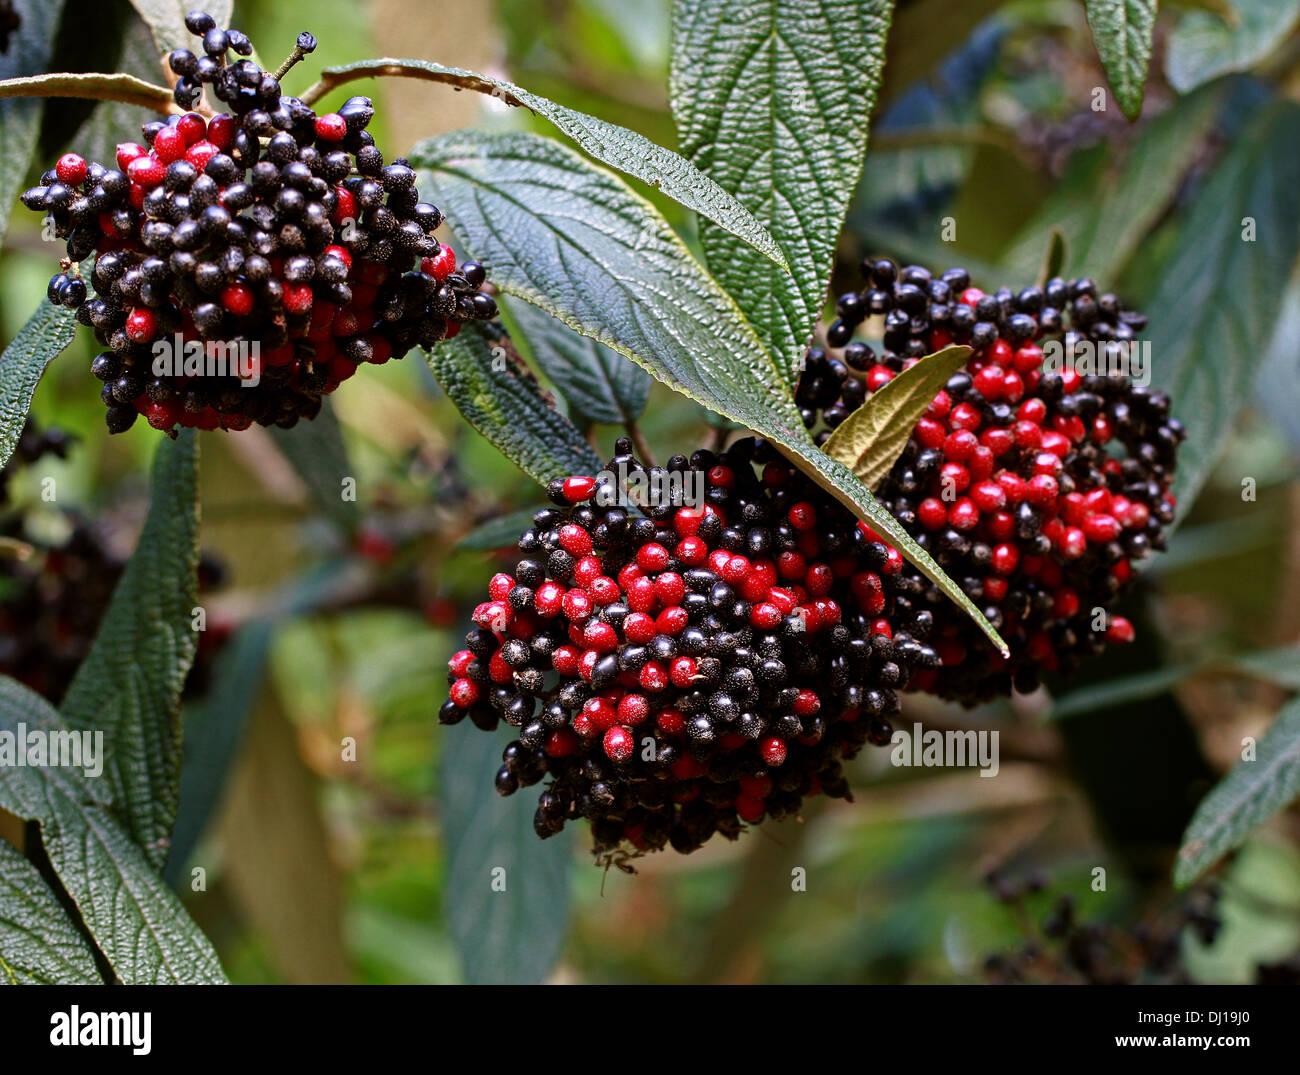 Wayfaring Tree, Hoarwithy, Twistwood Meal Tree, Viburnum lantana, Adoxaceae. Red and Black Berries. Stock Photo